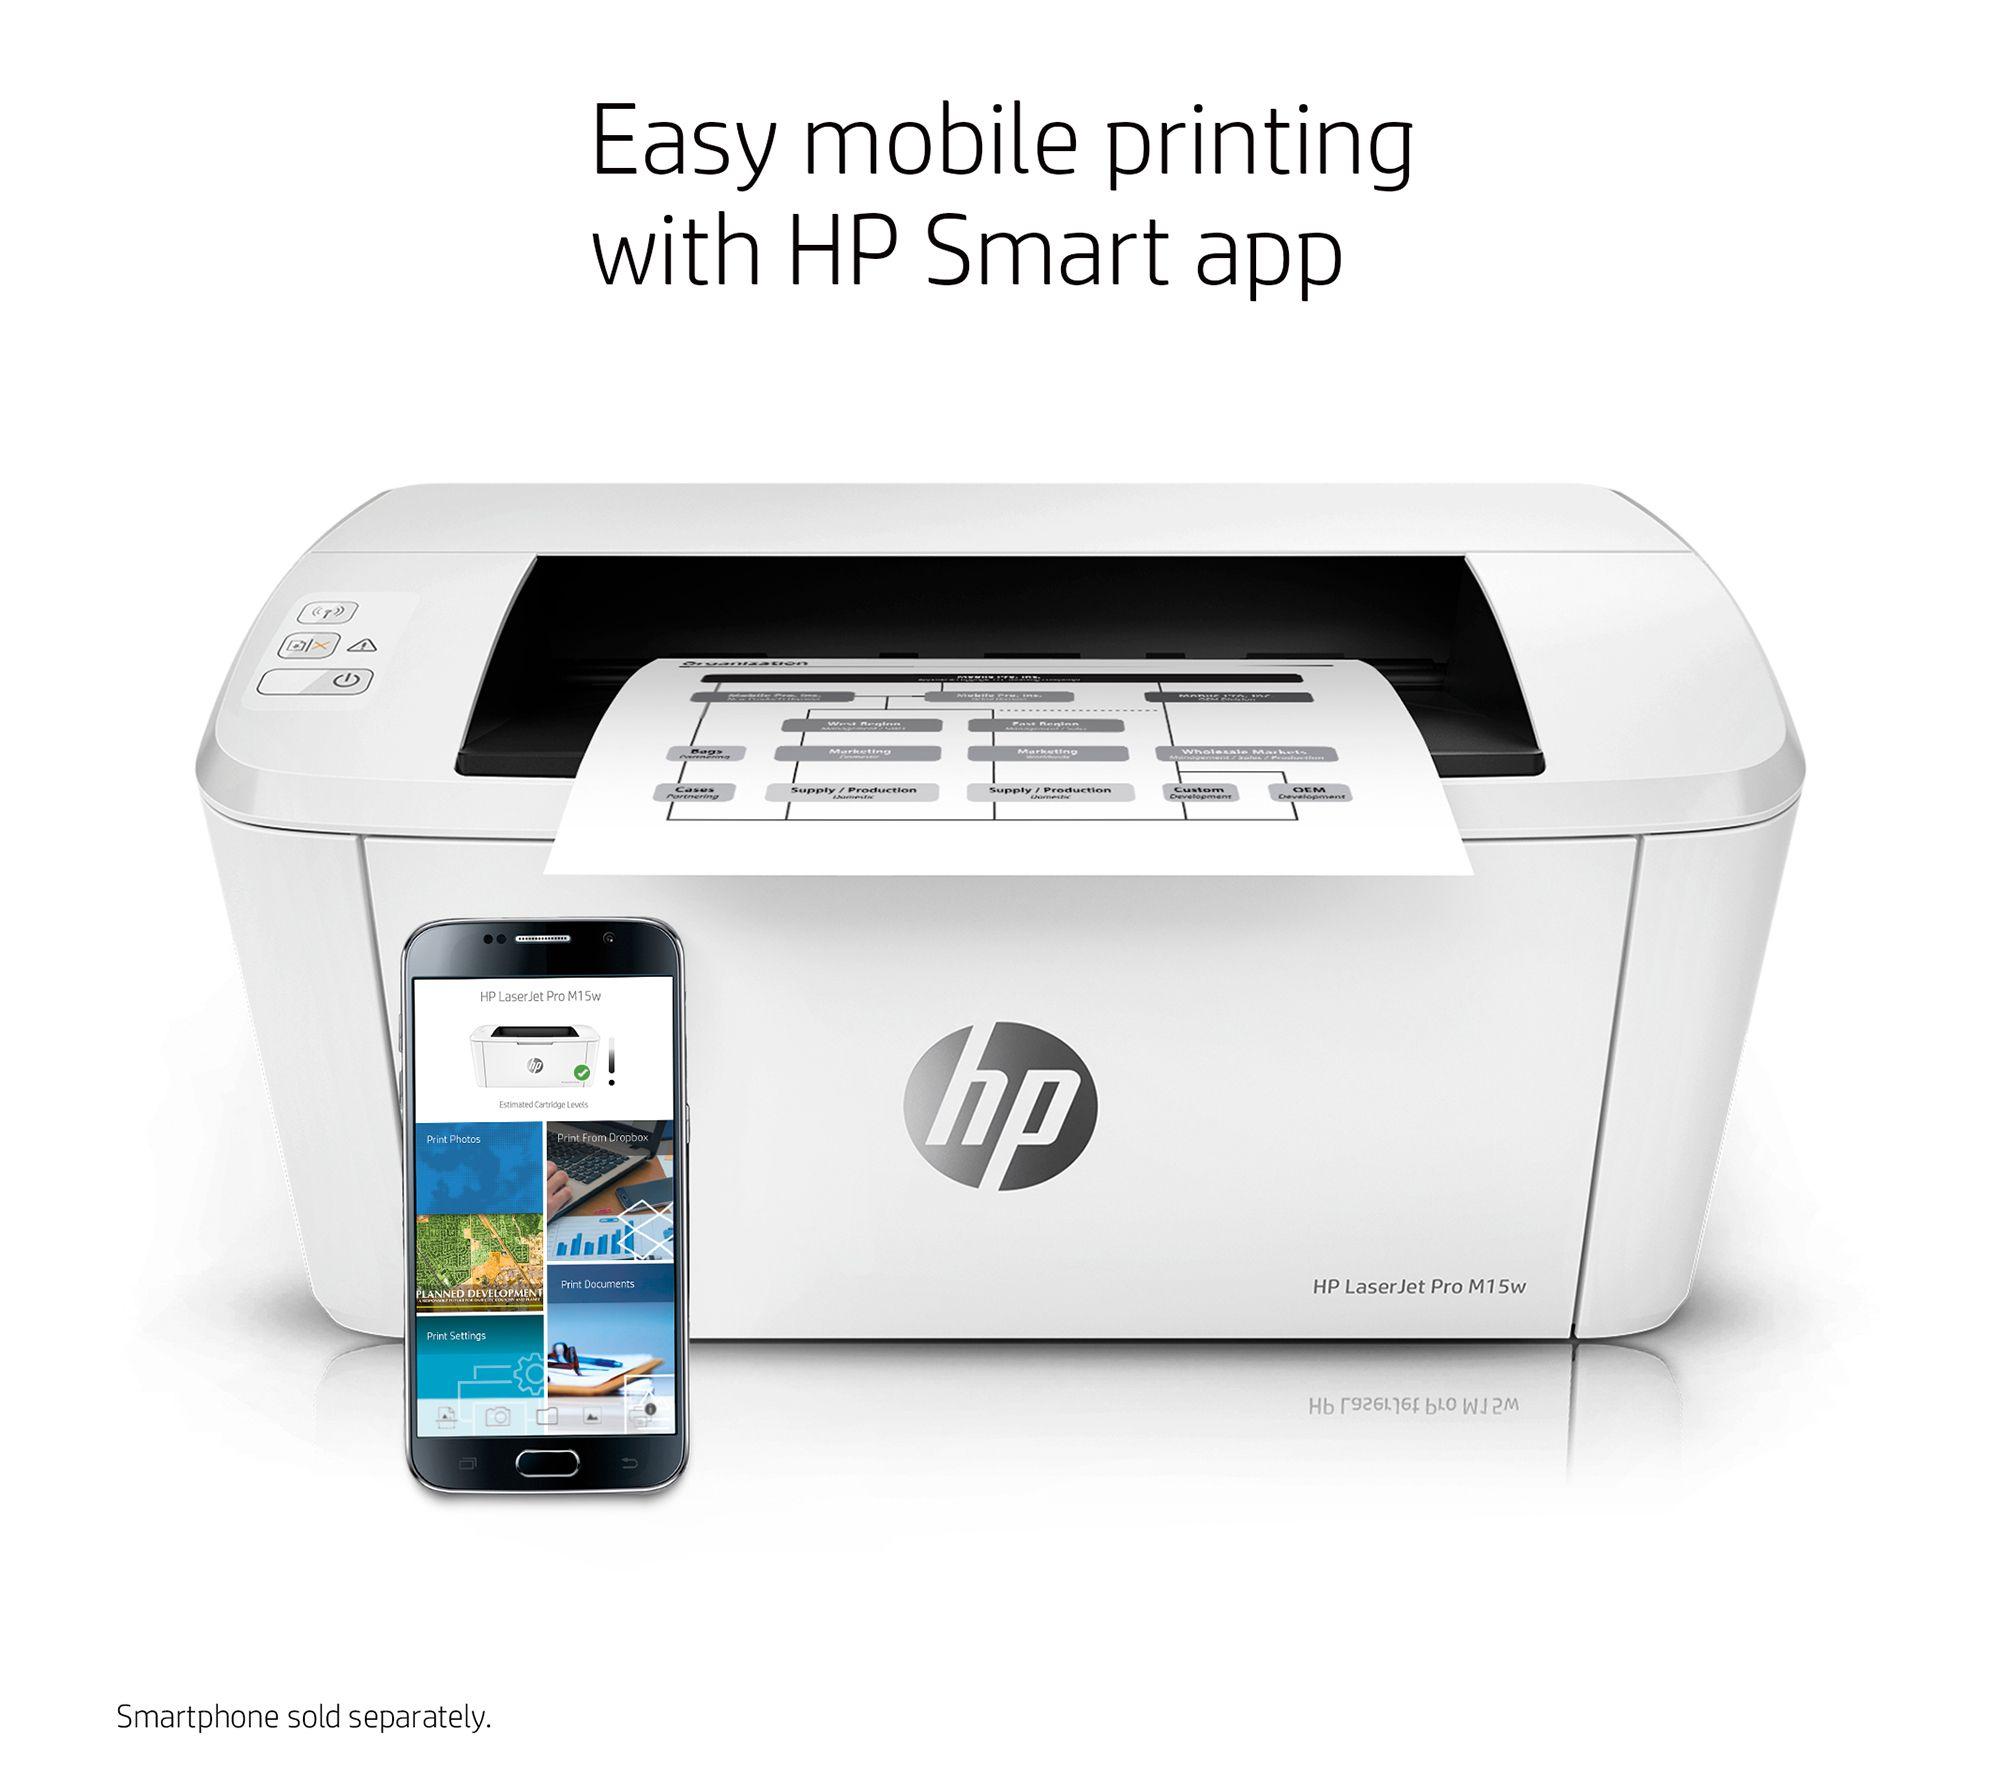 HP LaserJet Pro M15w Printer with Wi-Fi, AppleAirPrint — QVC com